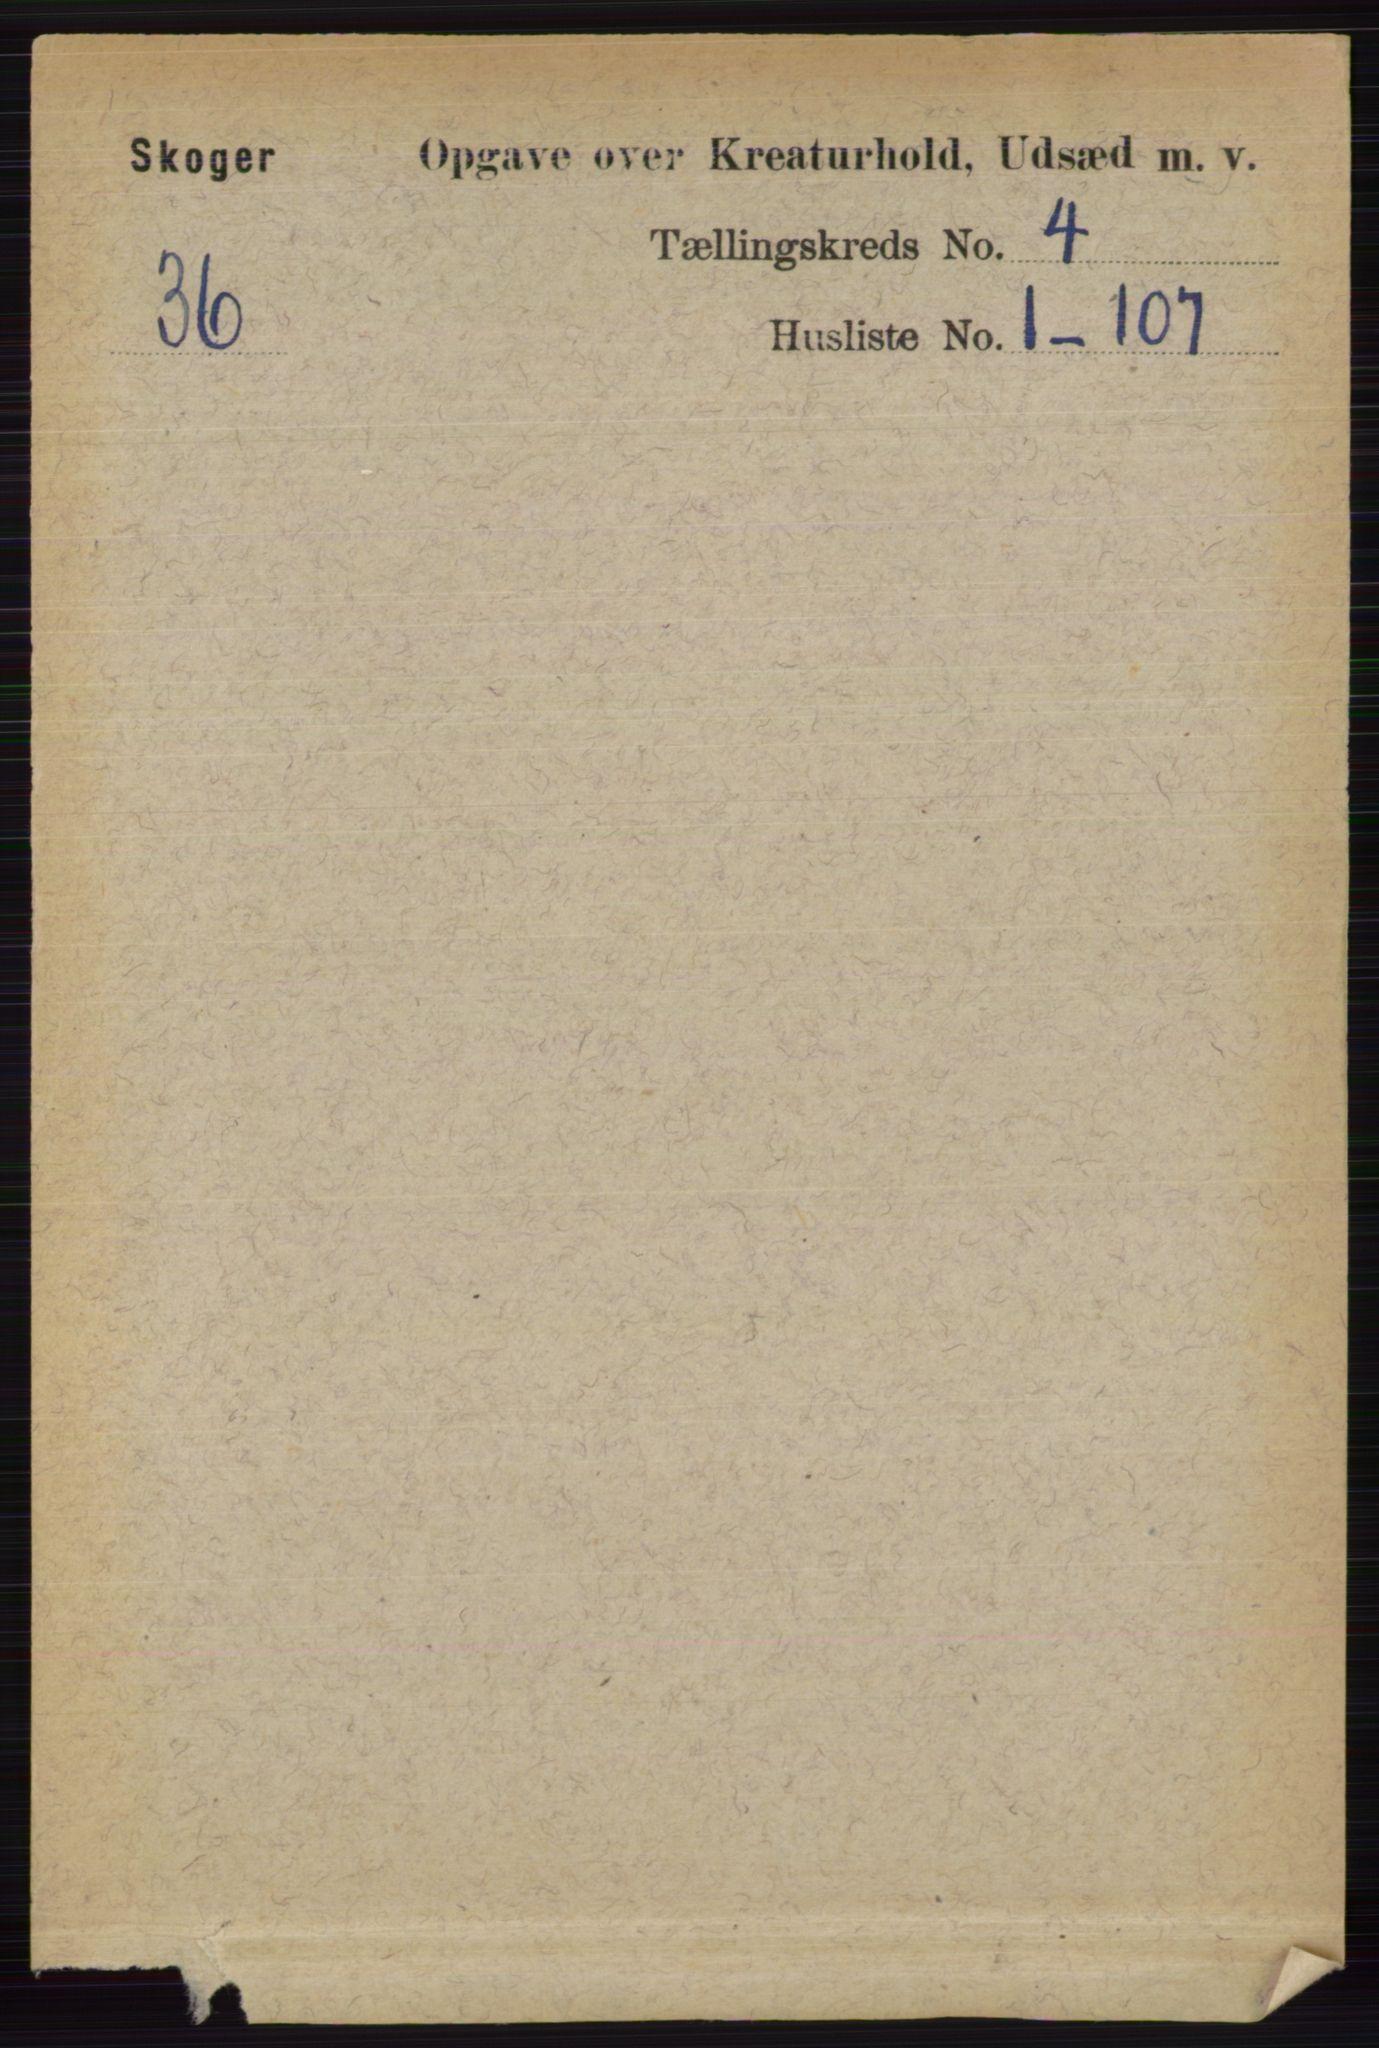 RA, Folketelling 1891 for 0712 Skoger herred, 1891, s. 4767